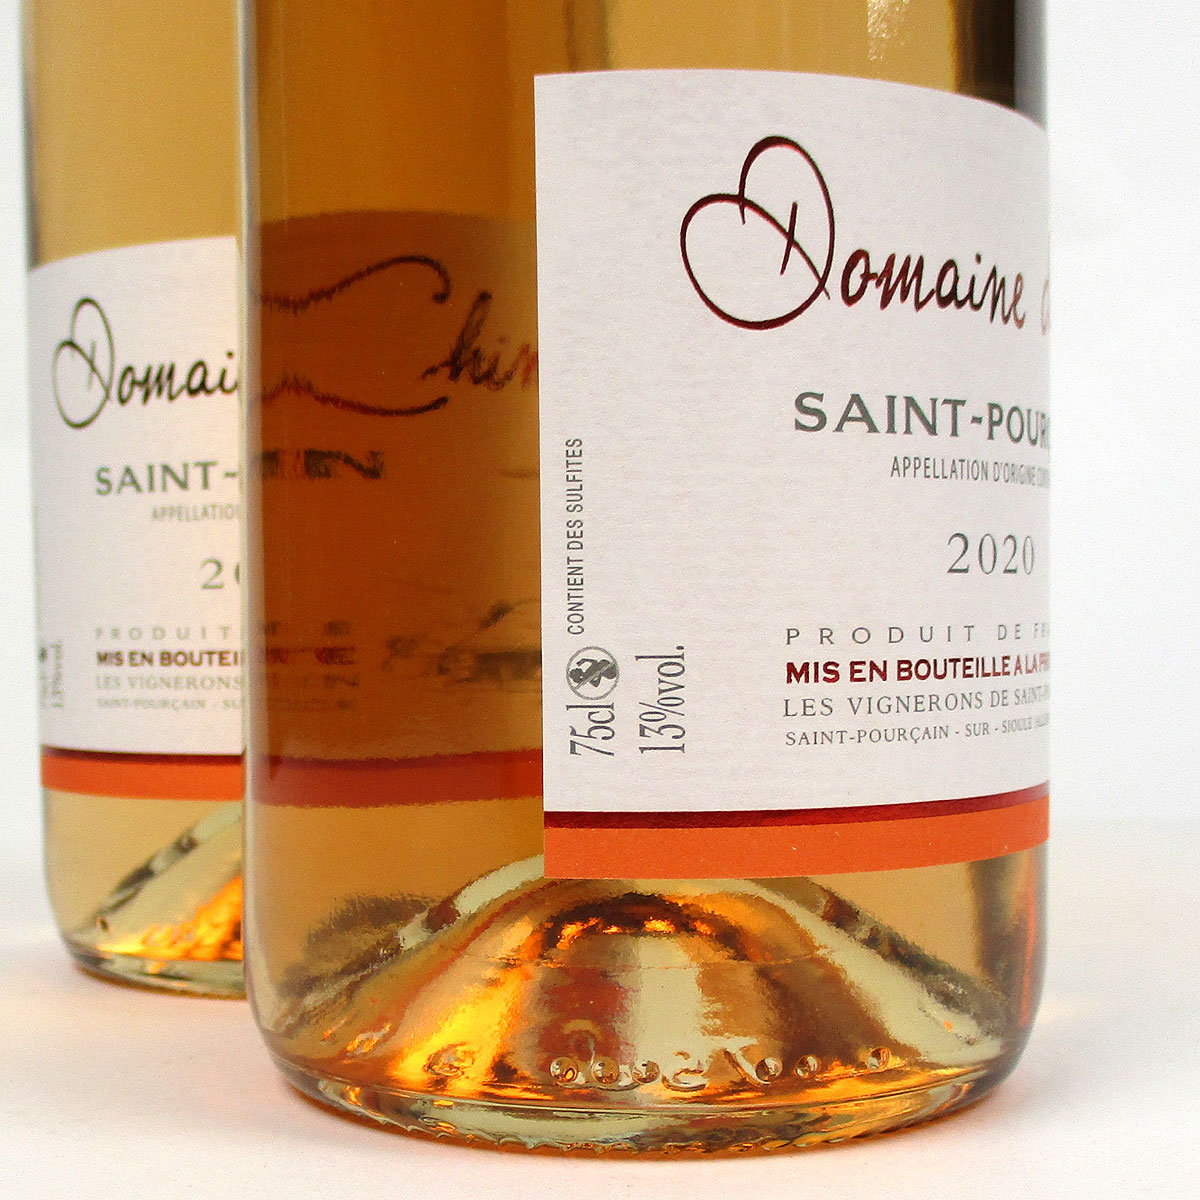 Saint-Pourçain: Domaine de Chinière Rosé 2020 - Bottle Side Label